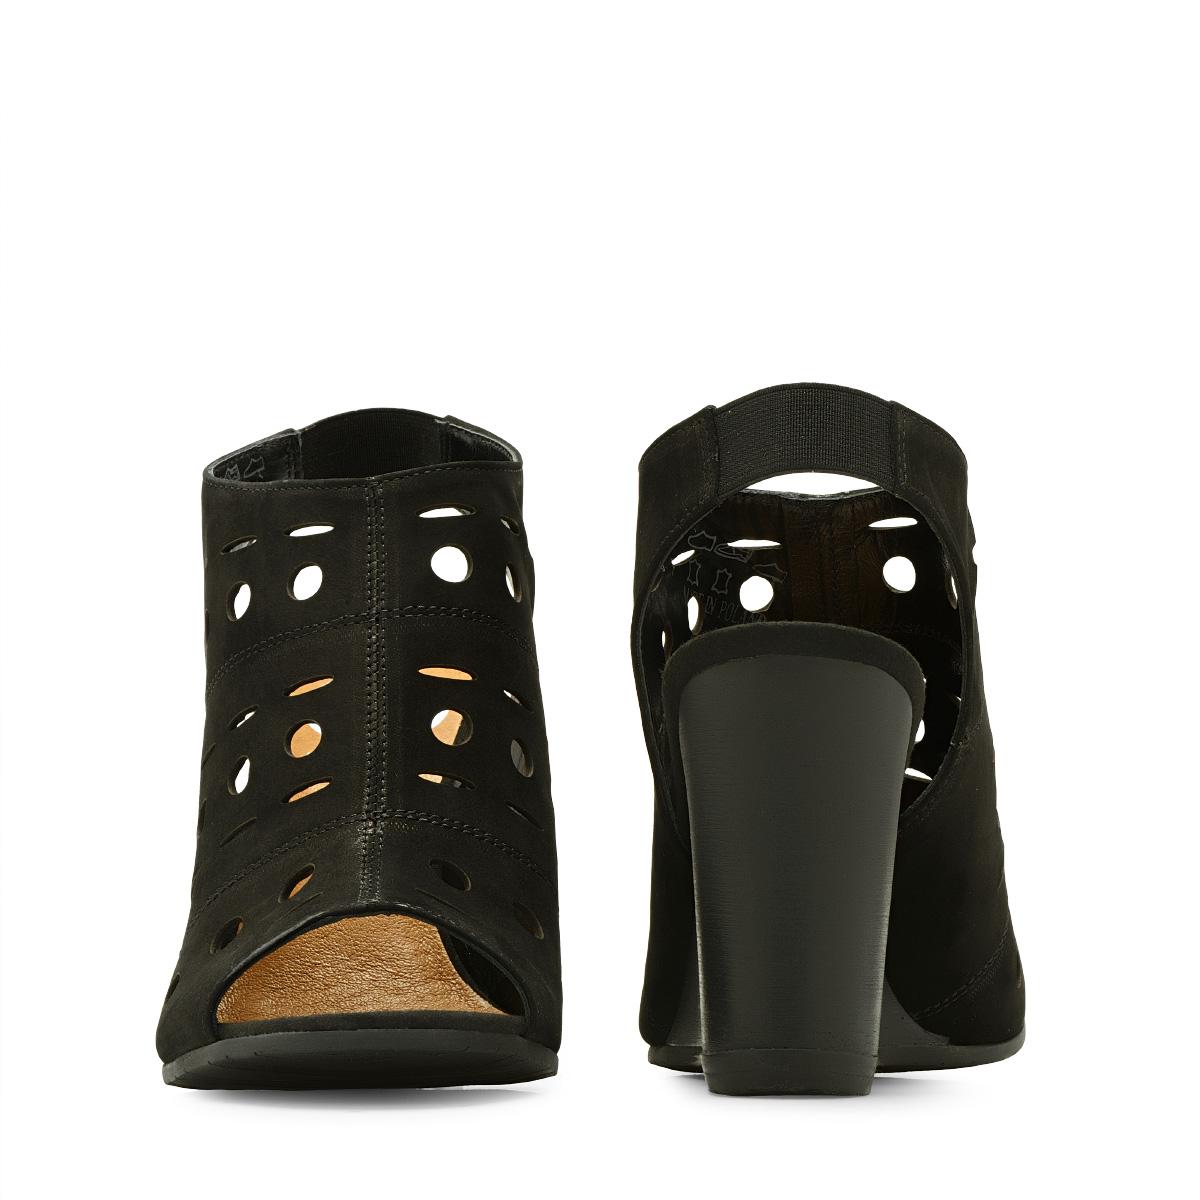 d4dc83578 ᐉ Босоножки Rylko 9HH82_K_ _U61 кожаные черные купить в Киеве ...